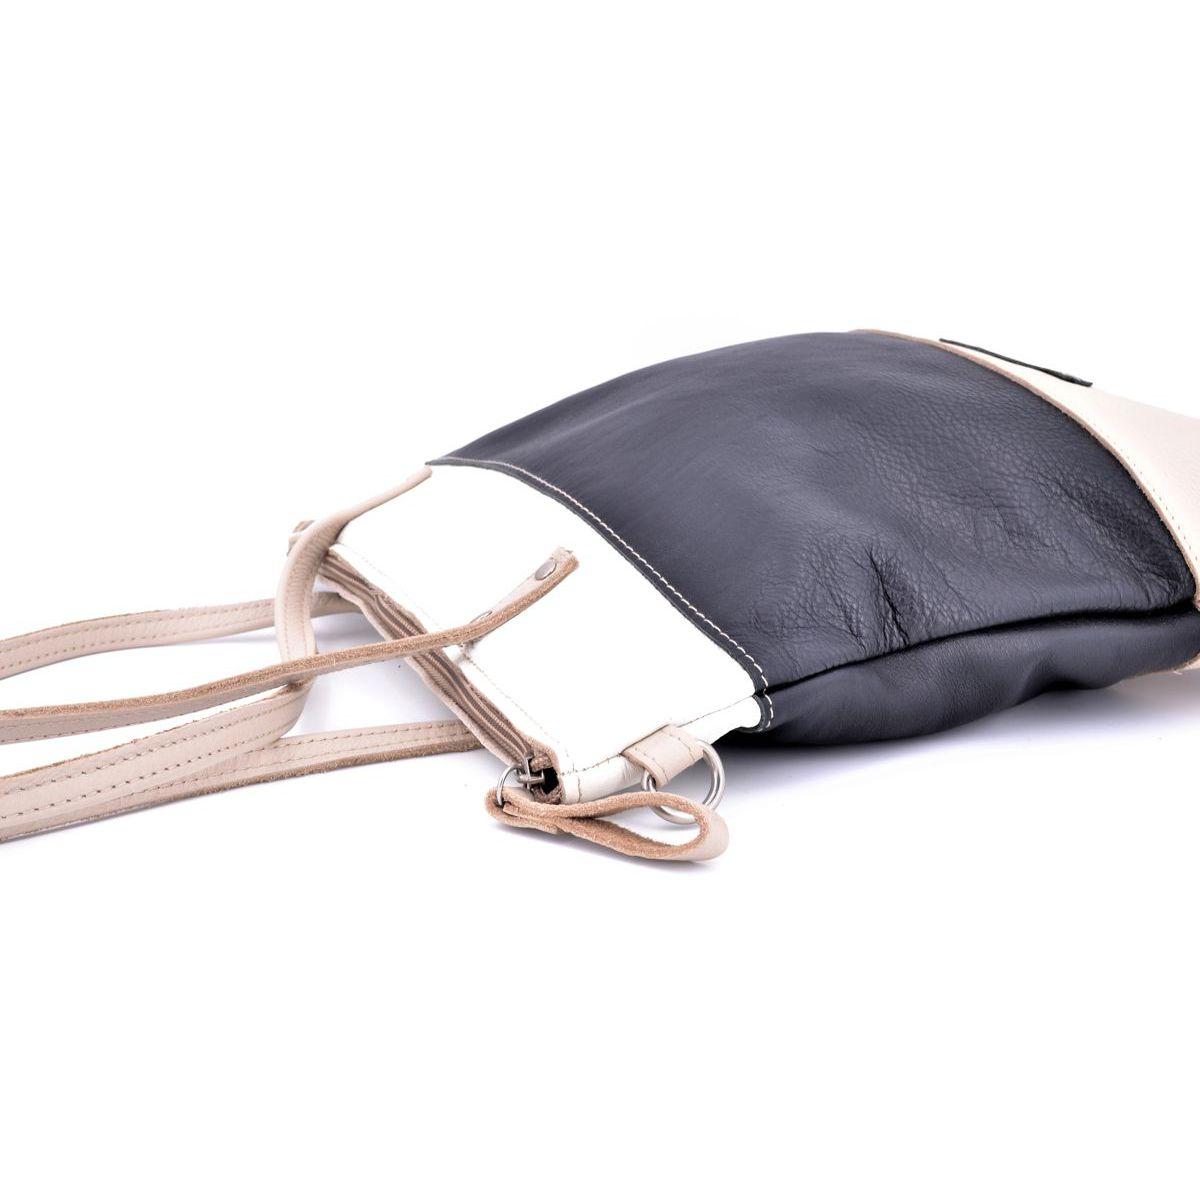 3 colors leather bag with shoulder strap Black BRASS Workshop